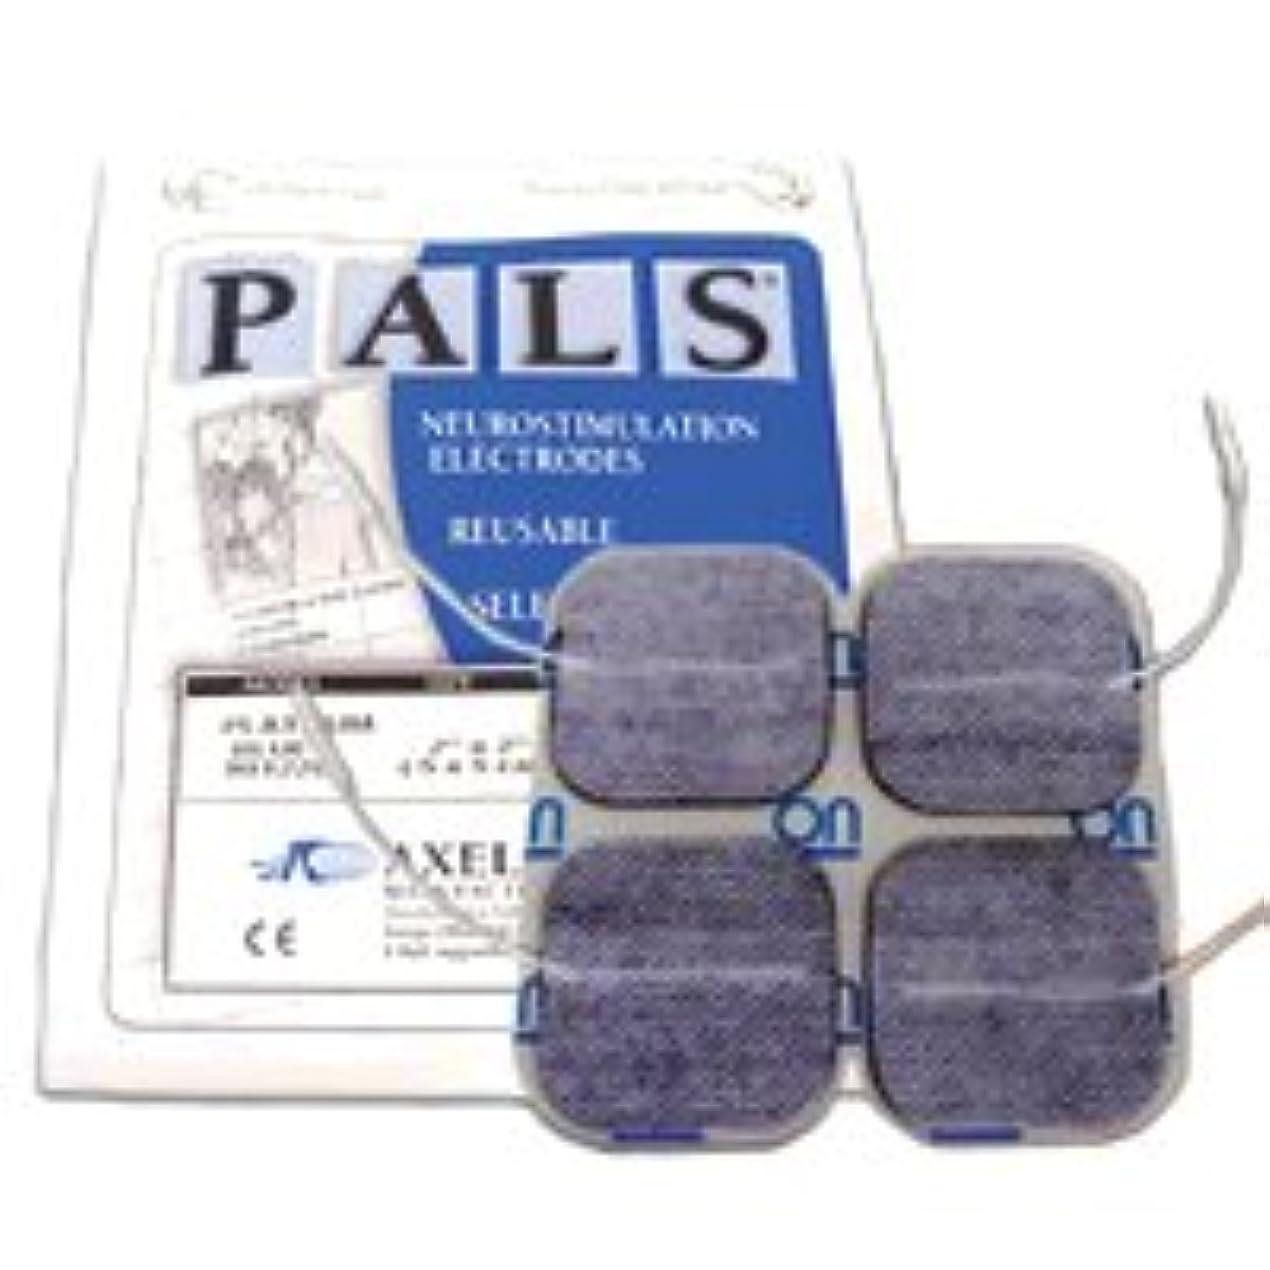 同情反対にカセット敏感肌用 アクセルガード 5×5センチ(4枚入り)ツインビート2/Pro用【3個セット】